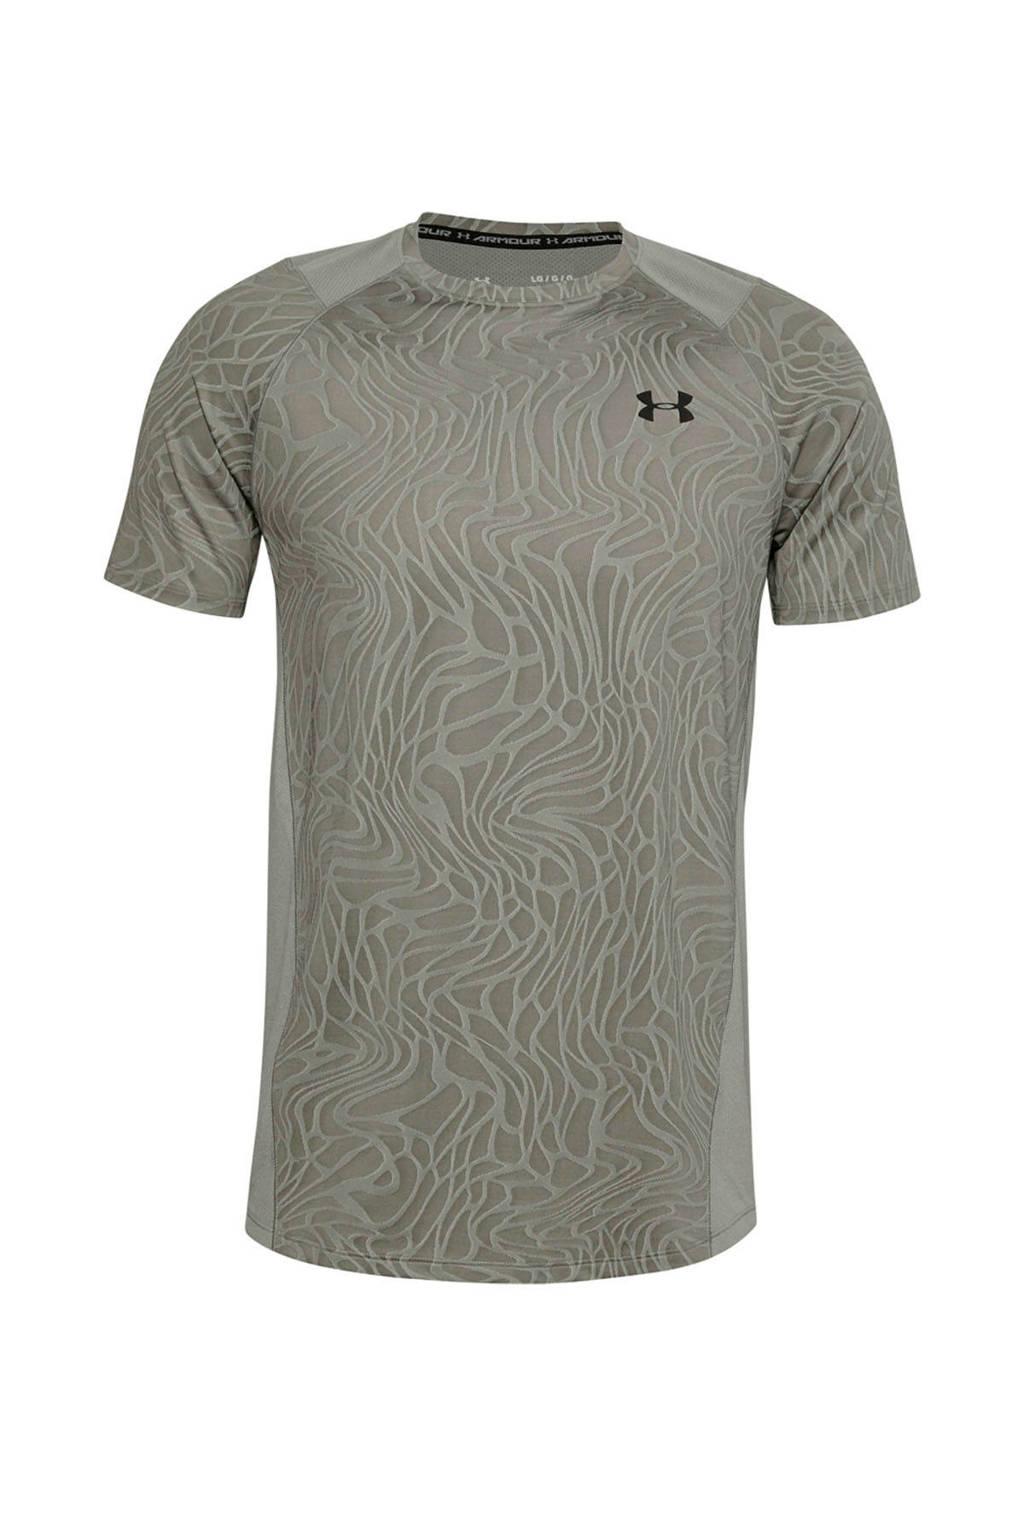 Under Armour   sport T-shirt groen, Groen